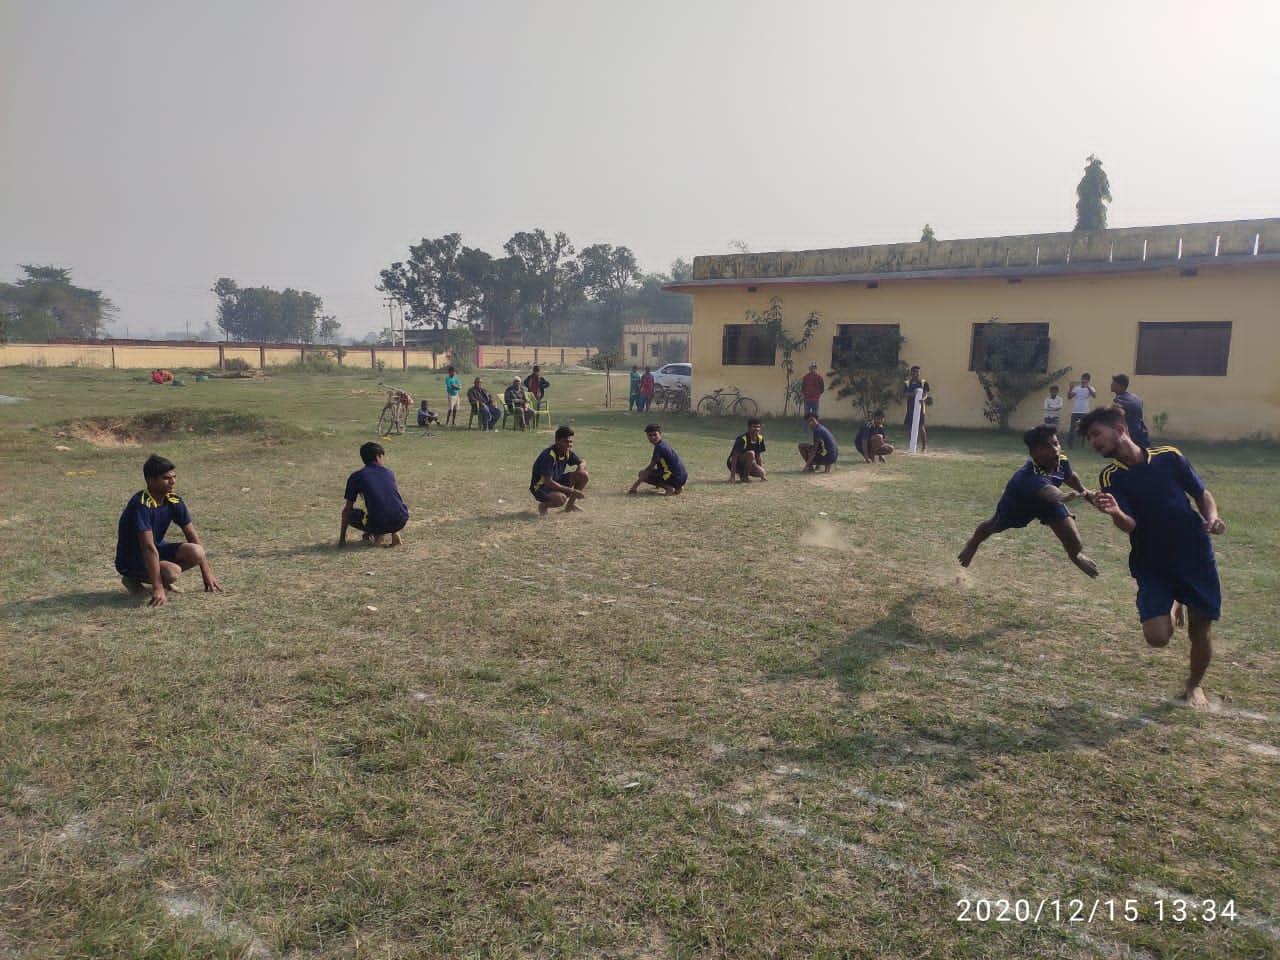 फिट इंडिया मूवमेंट में श्री सर्वजीत उच्च माध्यमिक विद्यालय भंडार के छात्र छात्राओ ने लिया भाग